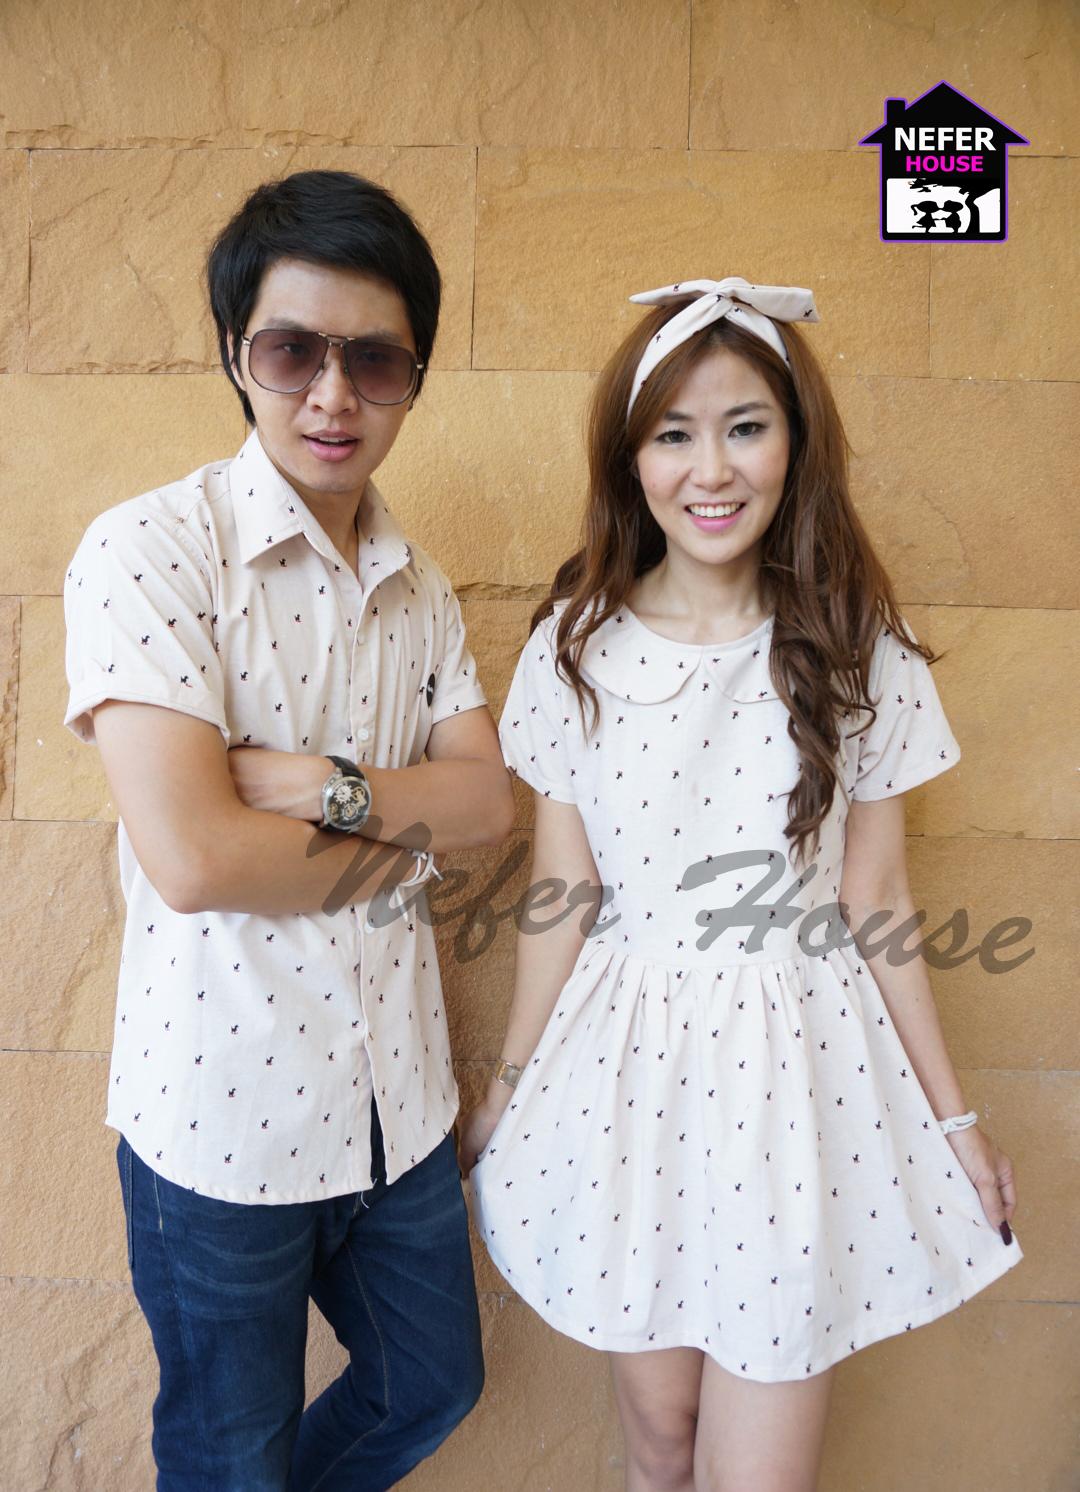 เสื้อคู่รัก สไตล์เสื้อคู่เกาหลีดูผู้ดีมากๆค่ะสีนี้